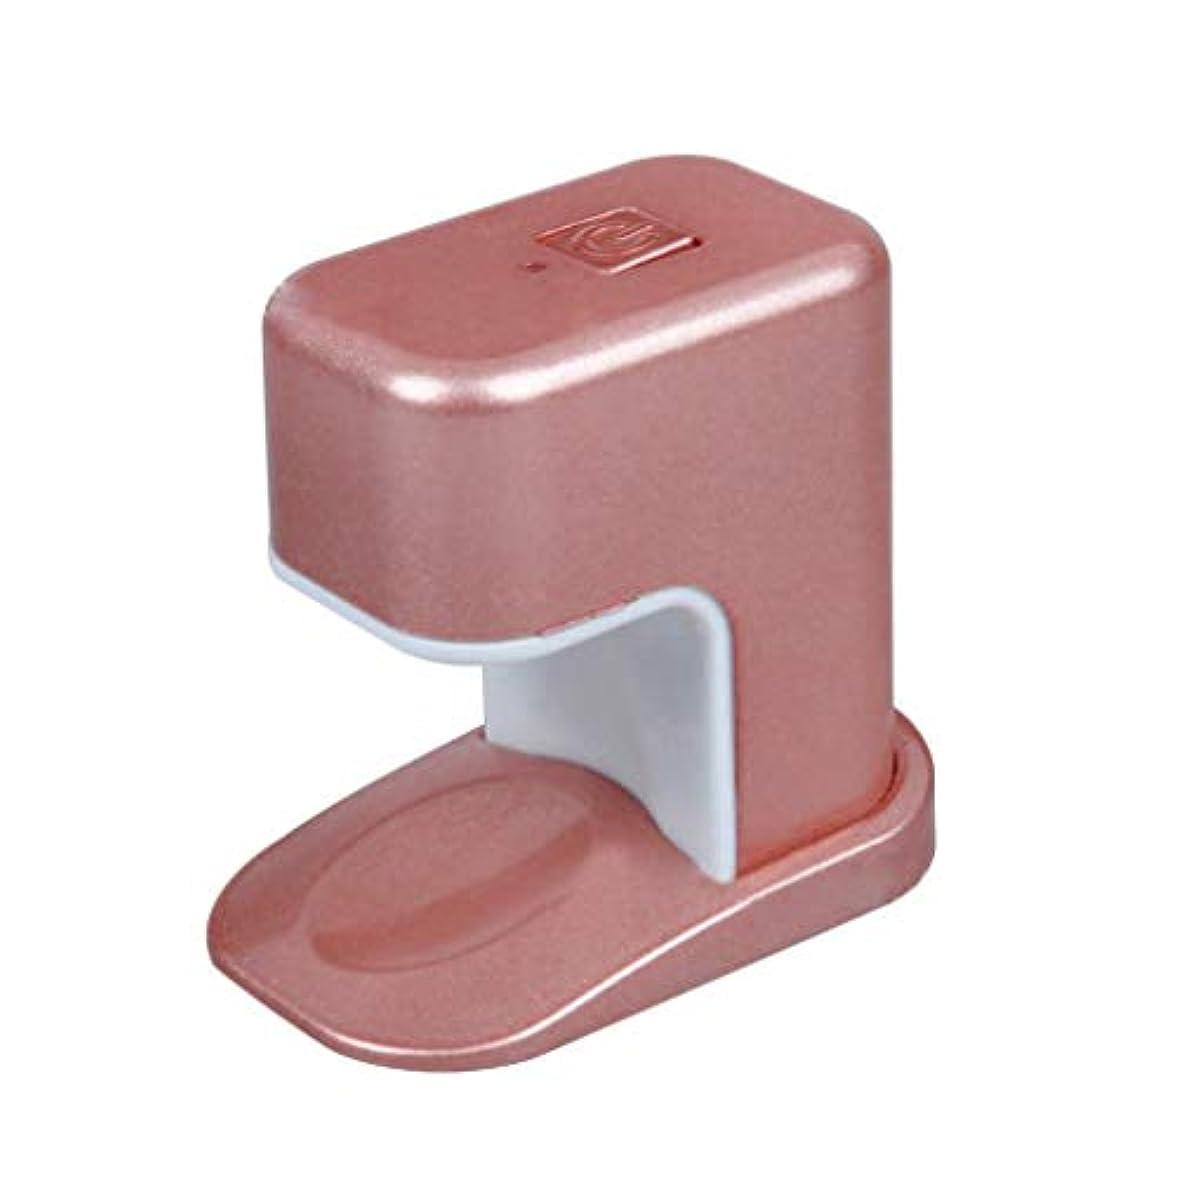 本物の毎週リークPaick ネイルドライヤー 3W LED電球 USBケーブル UV マニキュアドライヤー ニポータブル単一指ネイルアートのLED 3色選べ - ピンク